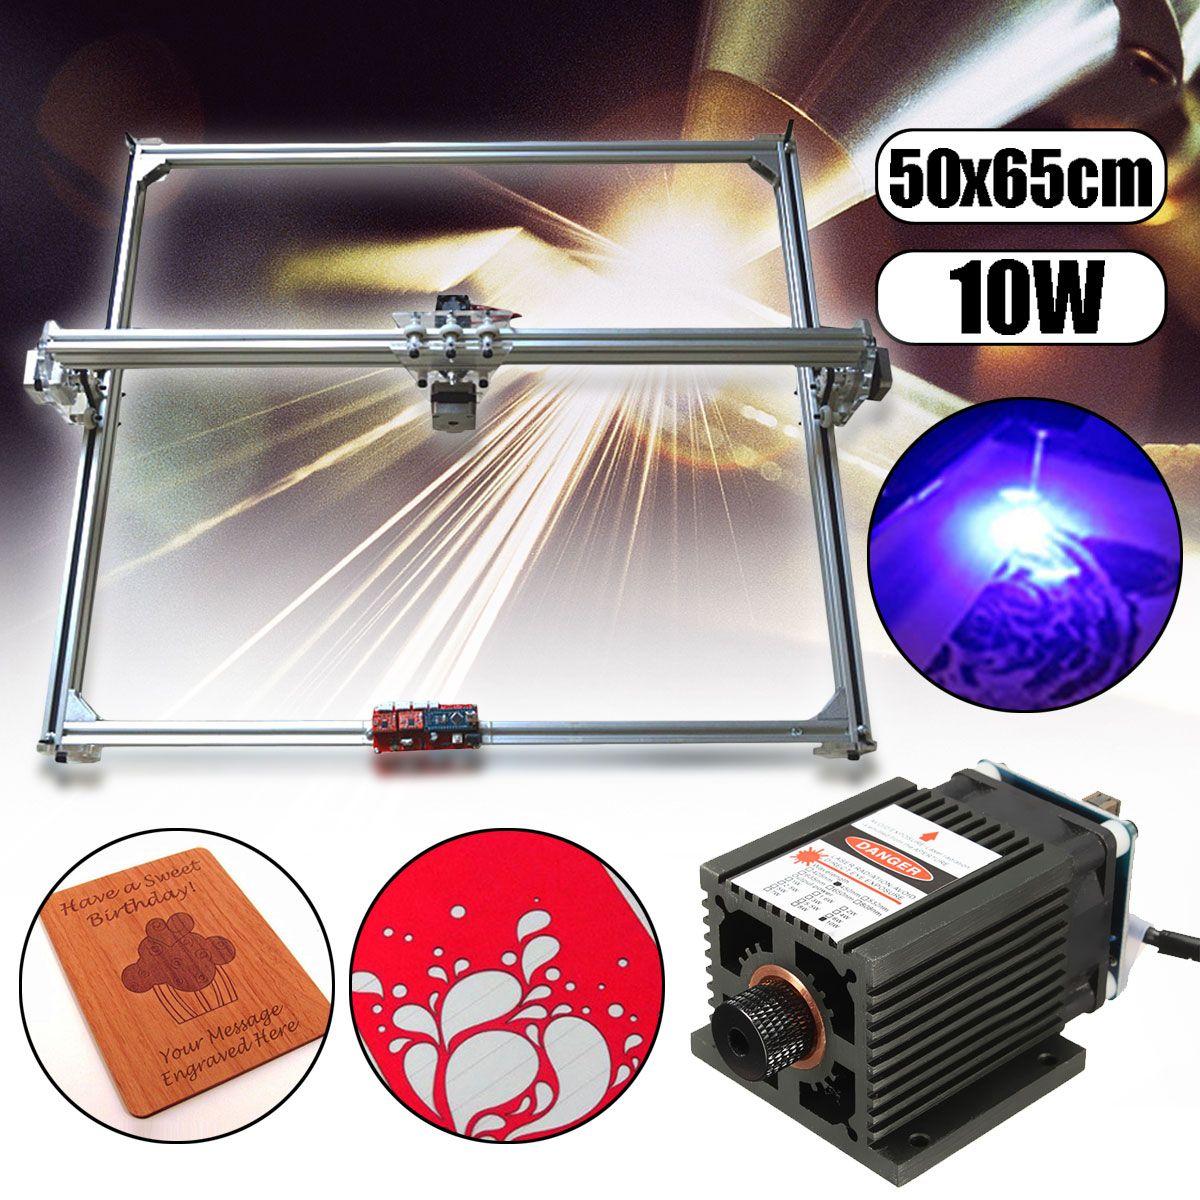 50*65 cm Bereich Mini Laser Gravur Schneiden Maschine Drucker DC 12 v Holz Cutter + 10 watt Blau laser Kopf Power Einstellen DIY Desktop Kit